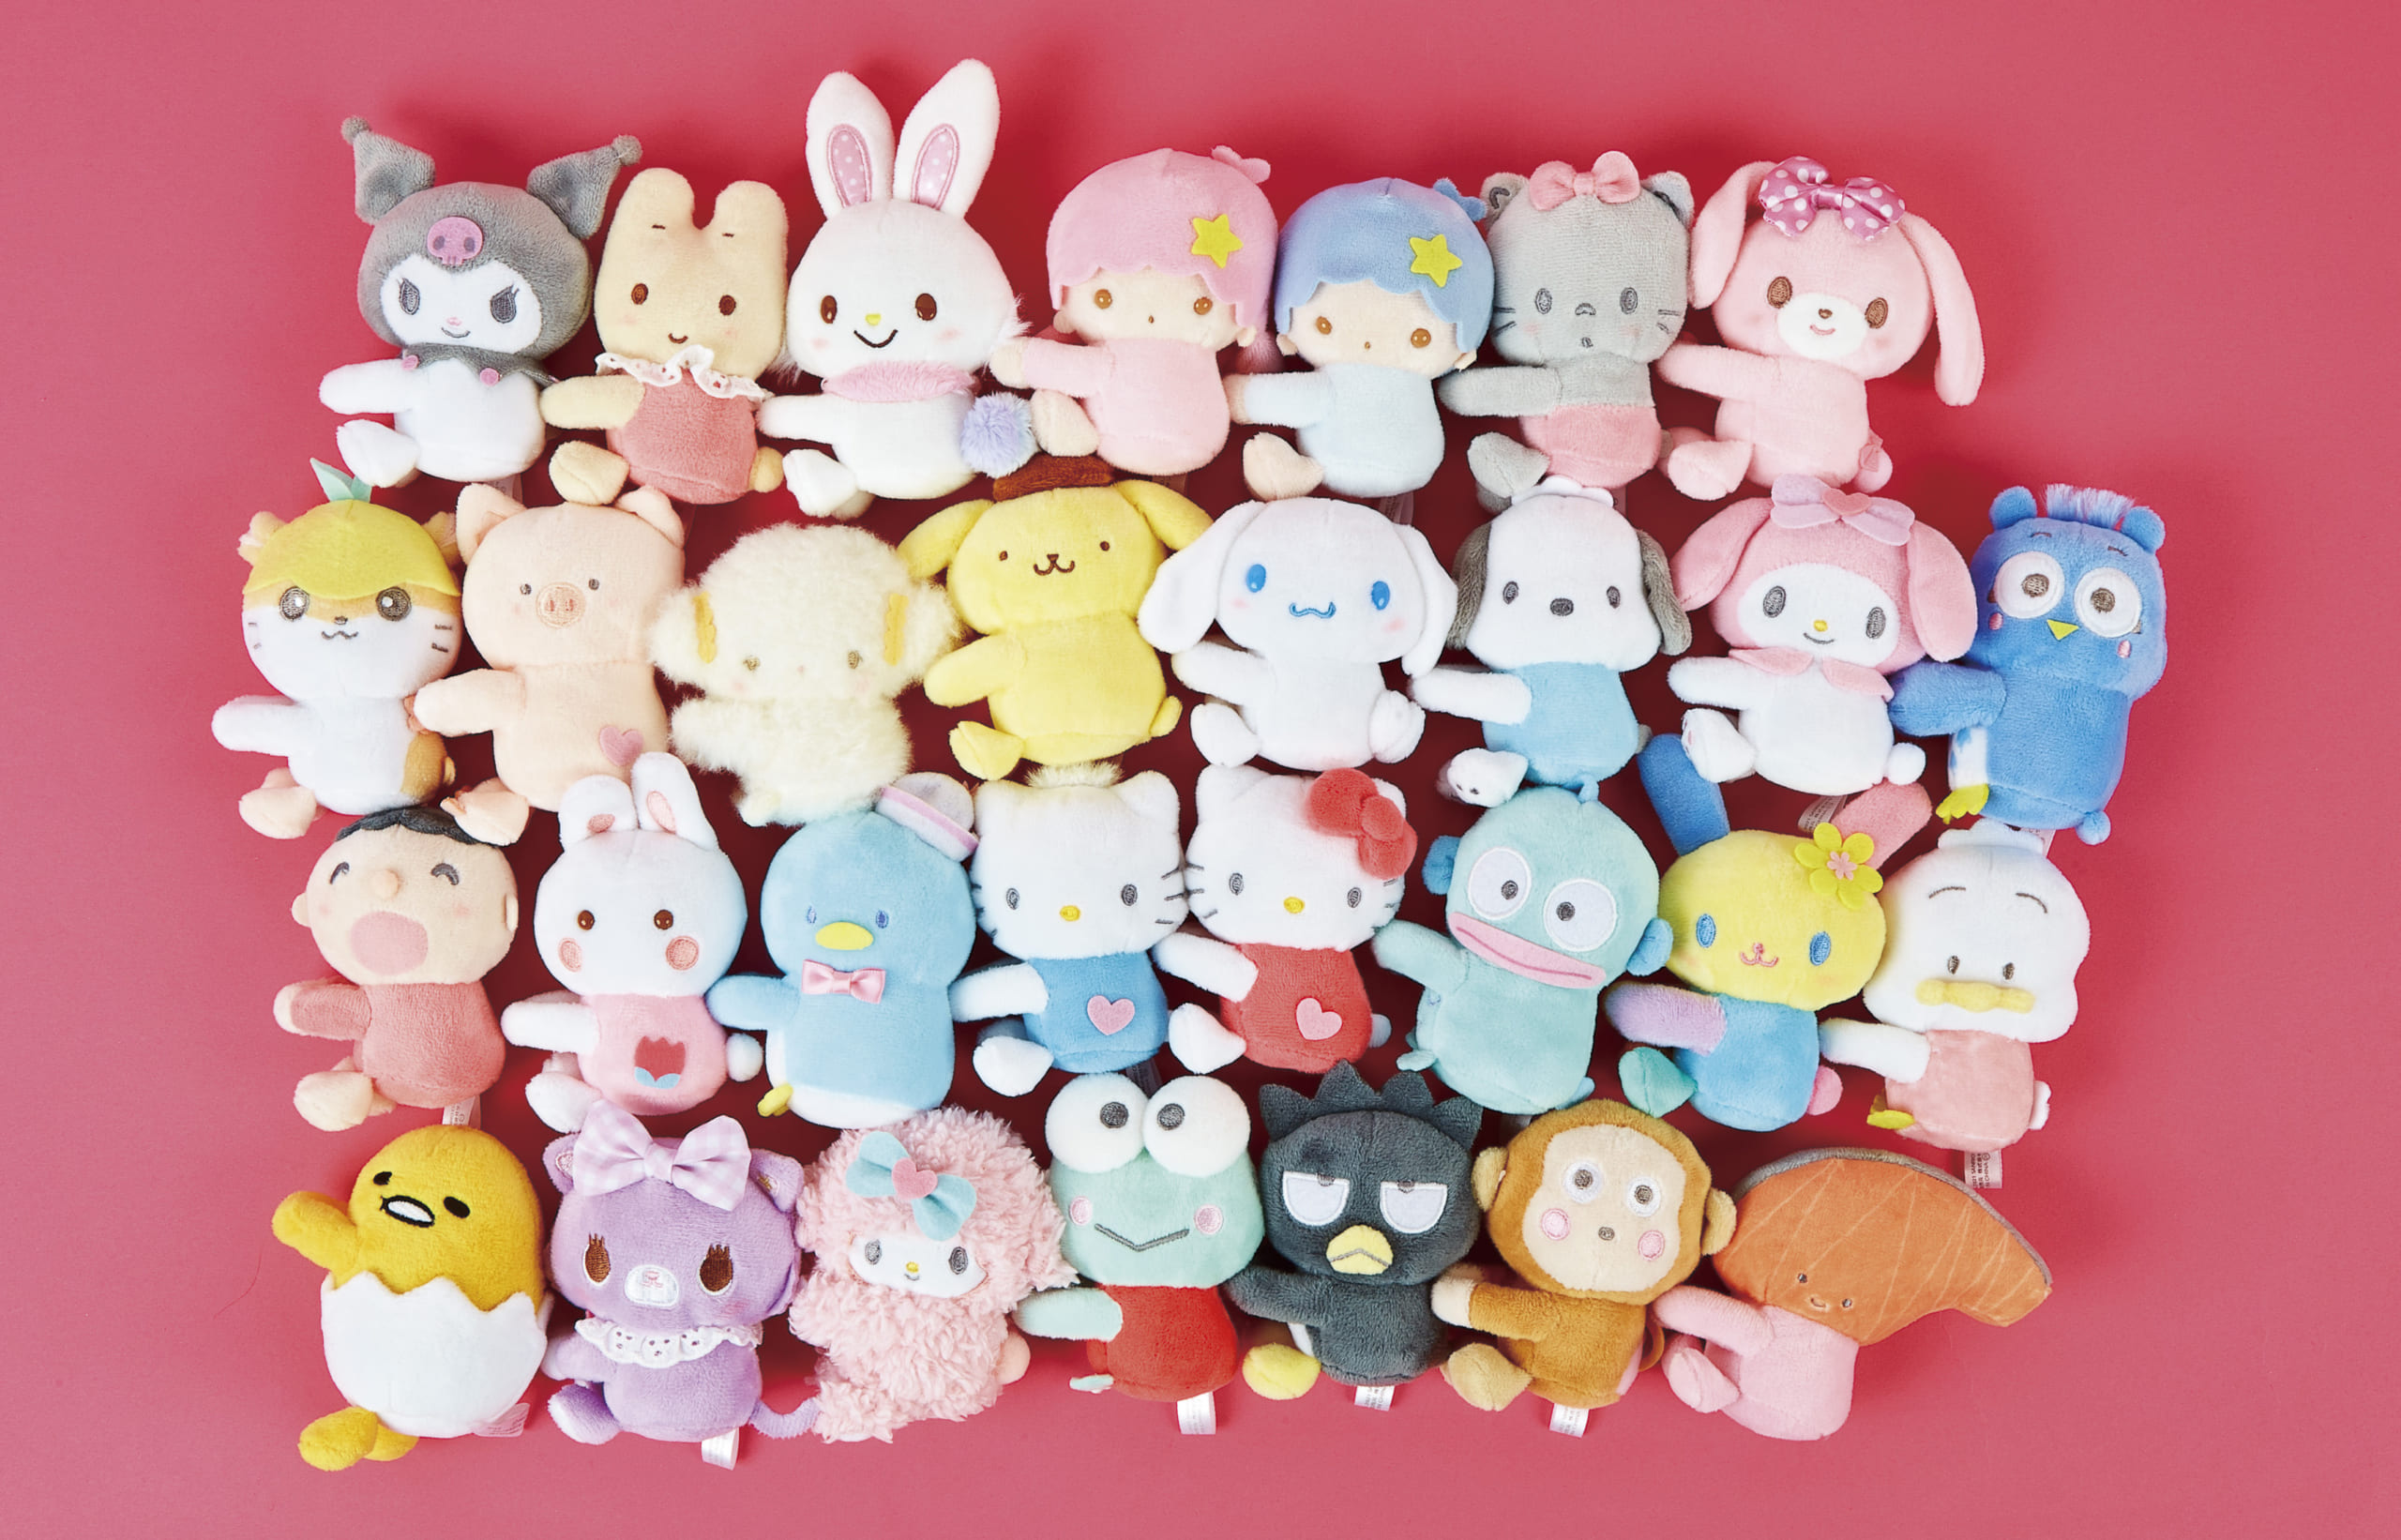 「サンリオキャラクター大賞」を応援できる商品シリーズ発売決定!グッズ化が久しぶりとなるキャラクターも多数